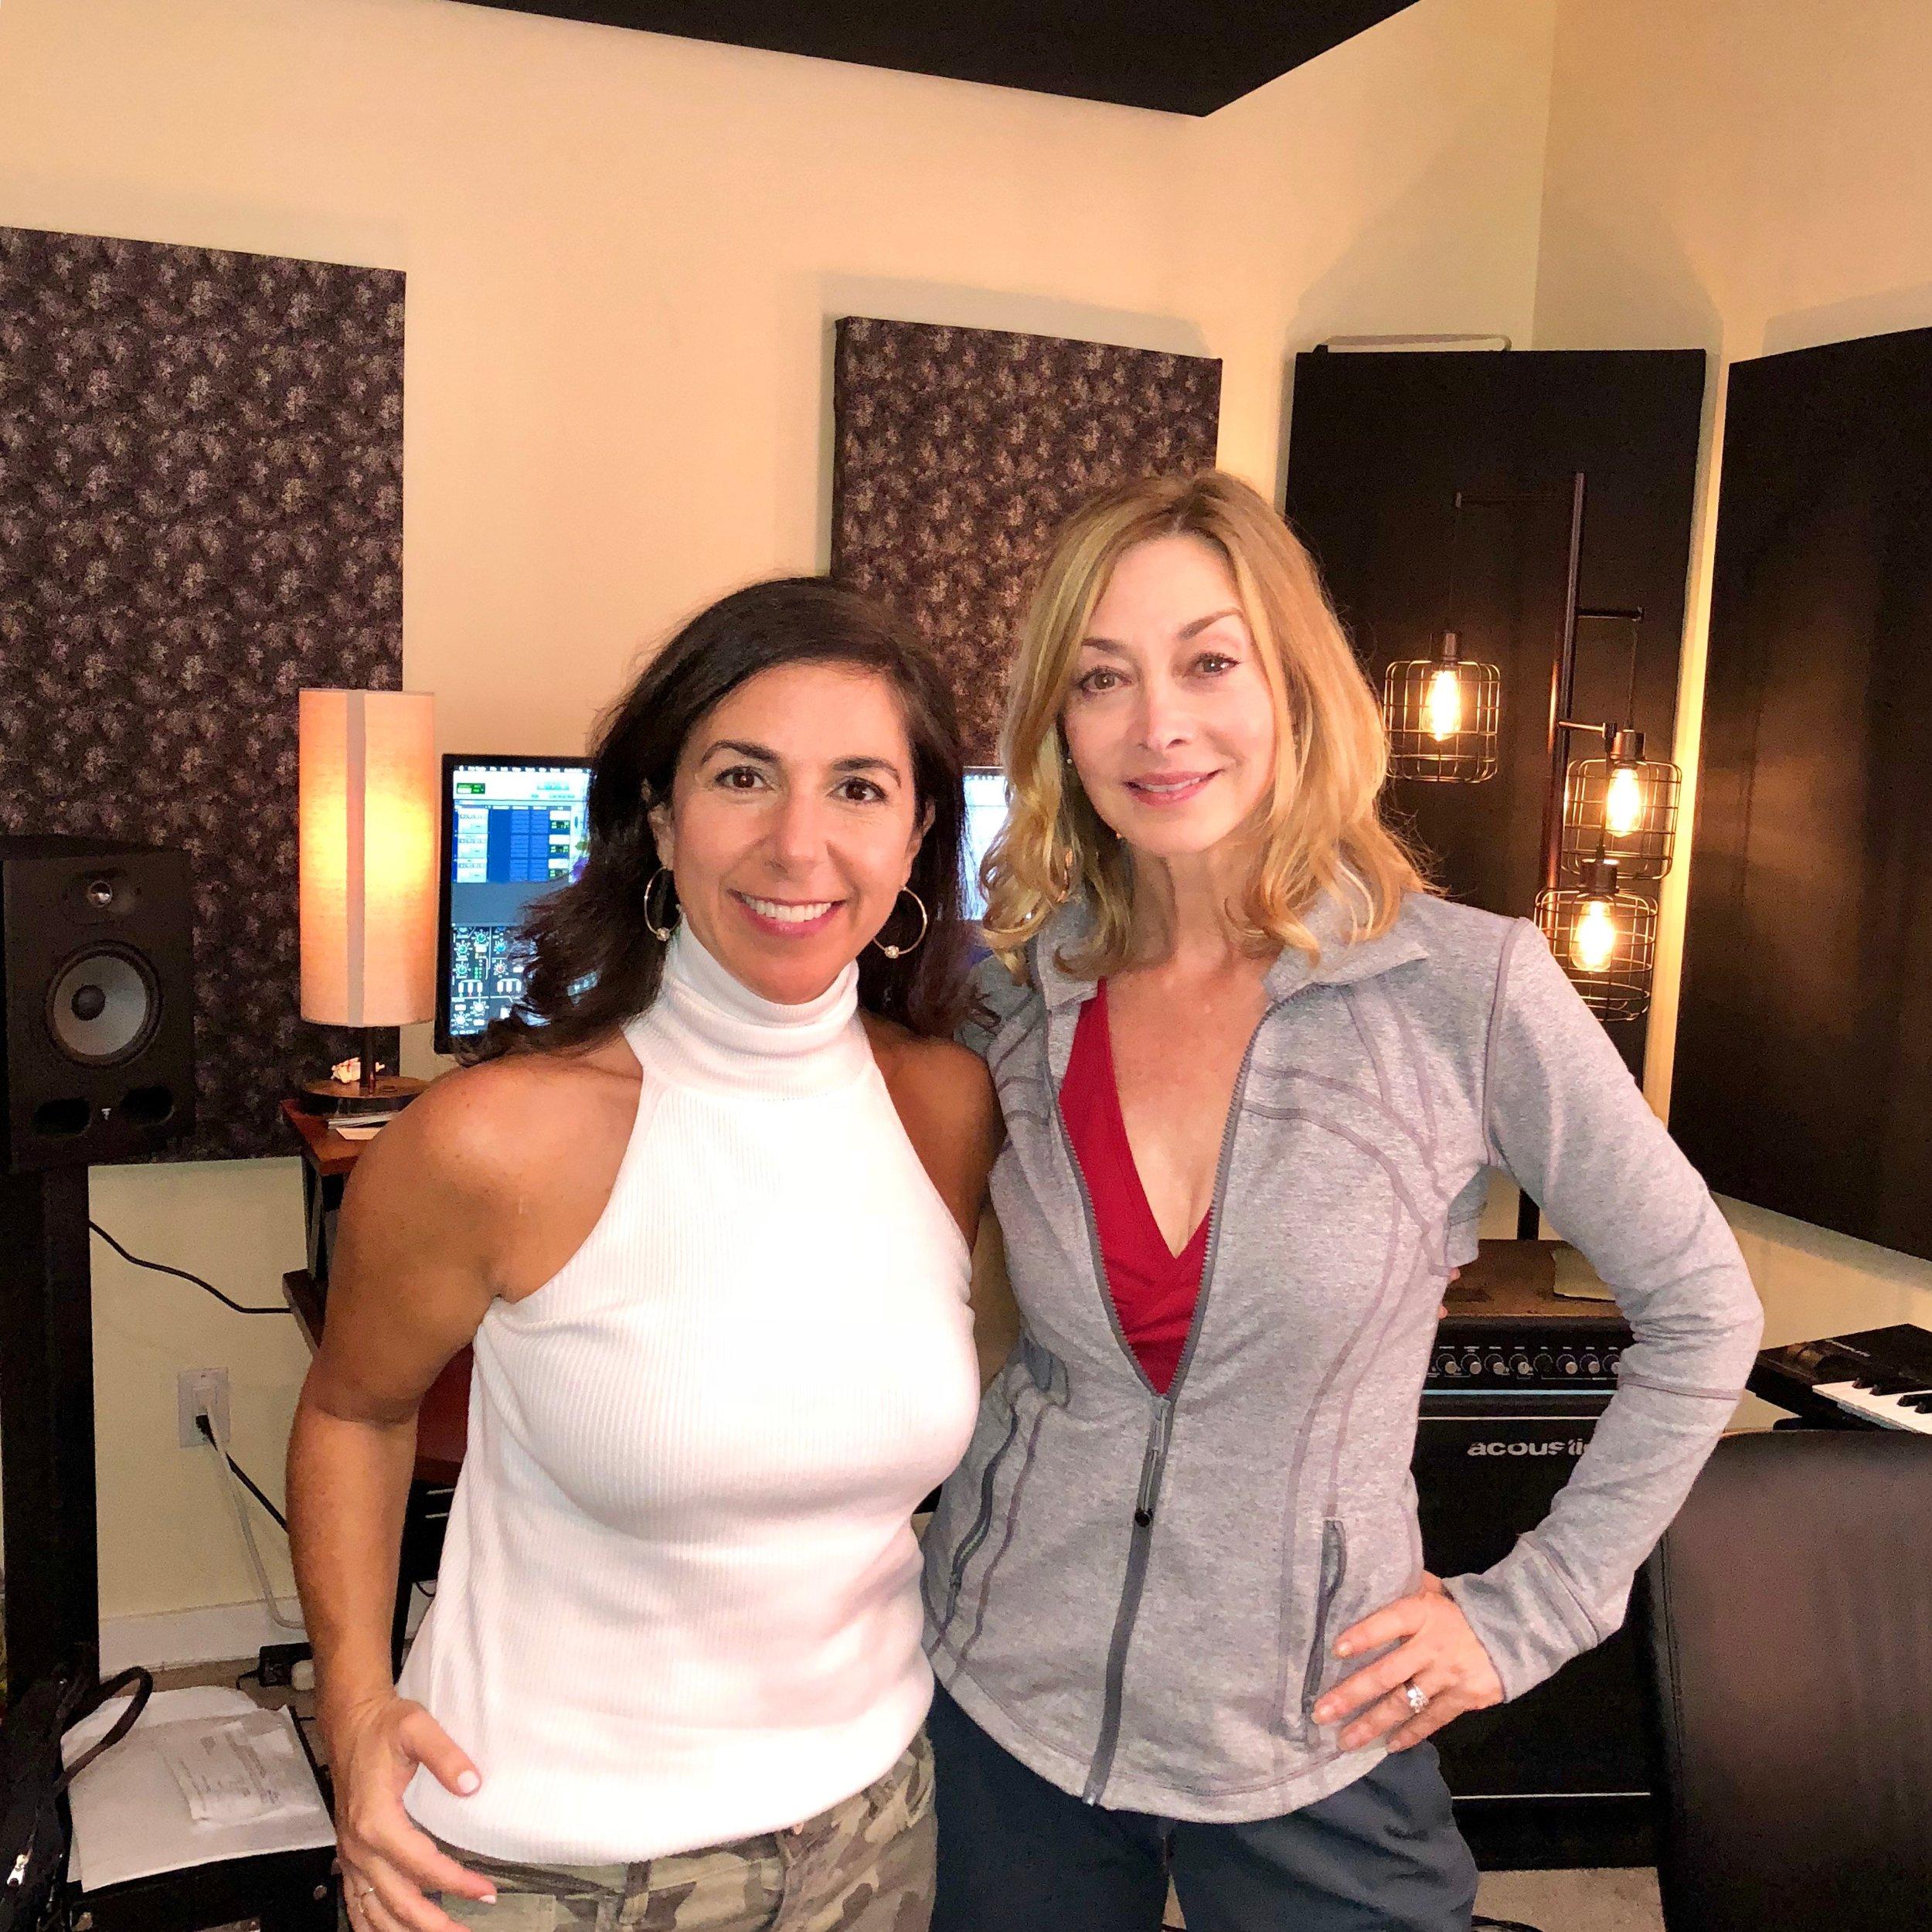 Sharon & Kara - atsoundBOX Studio City.